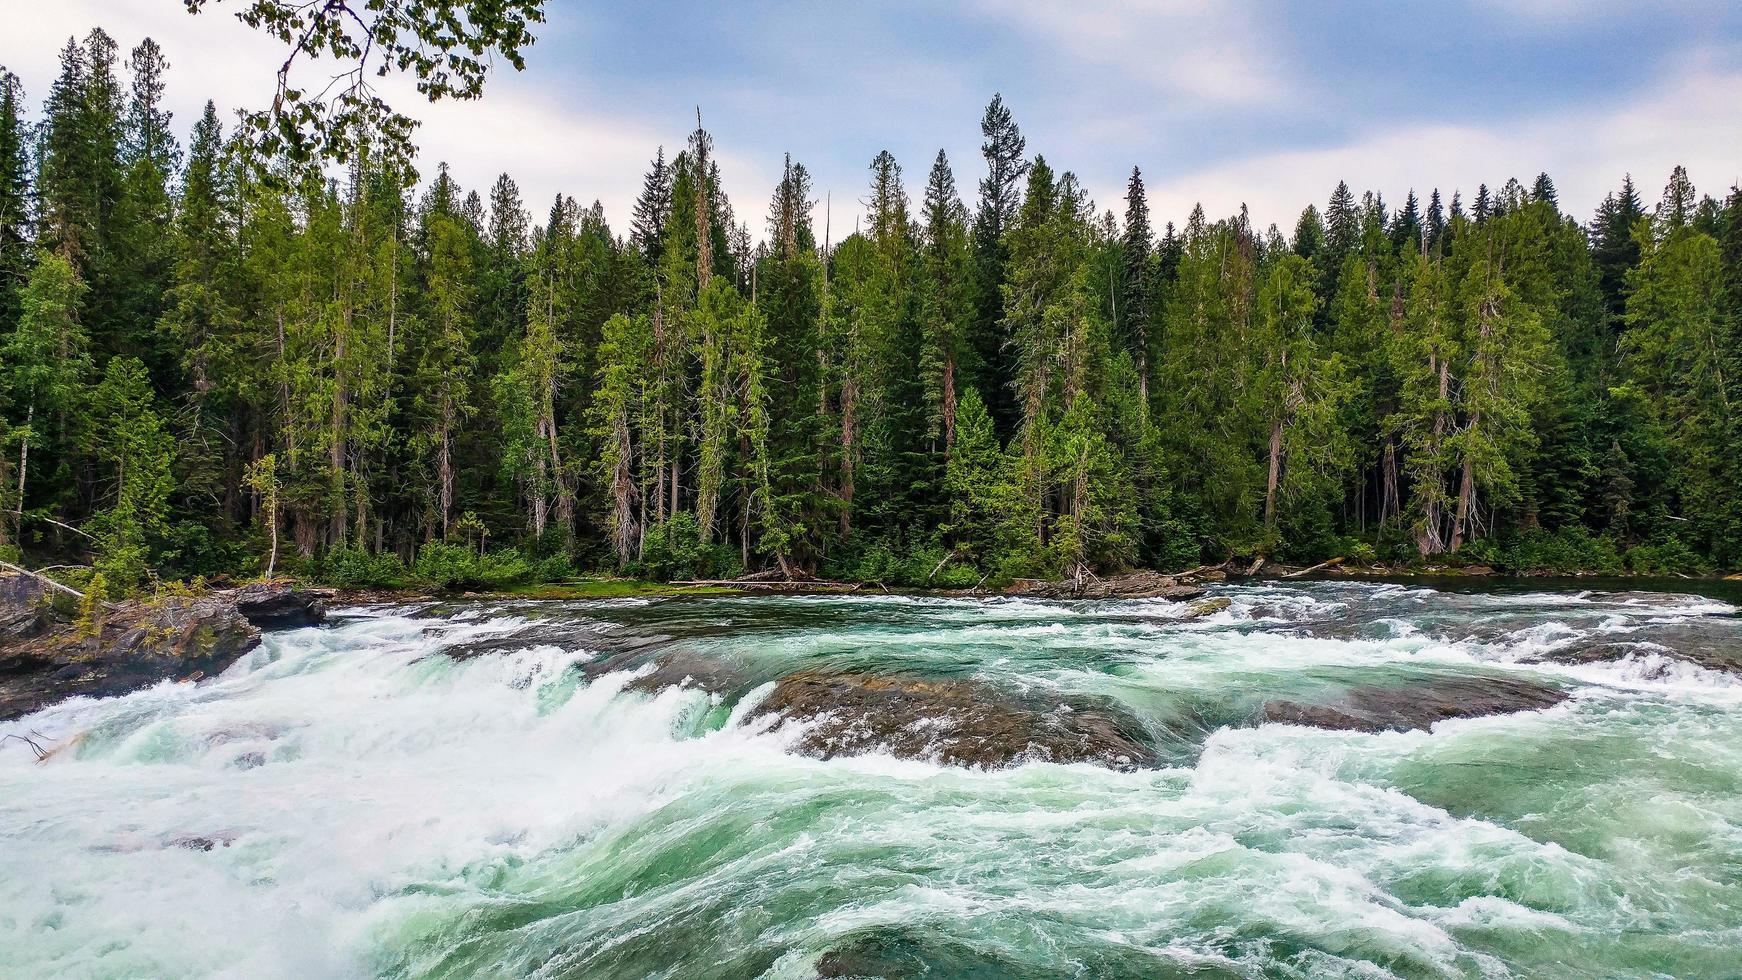 time-lapse van een rivier in de buurt van een bos foto